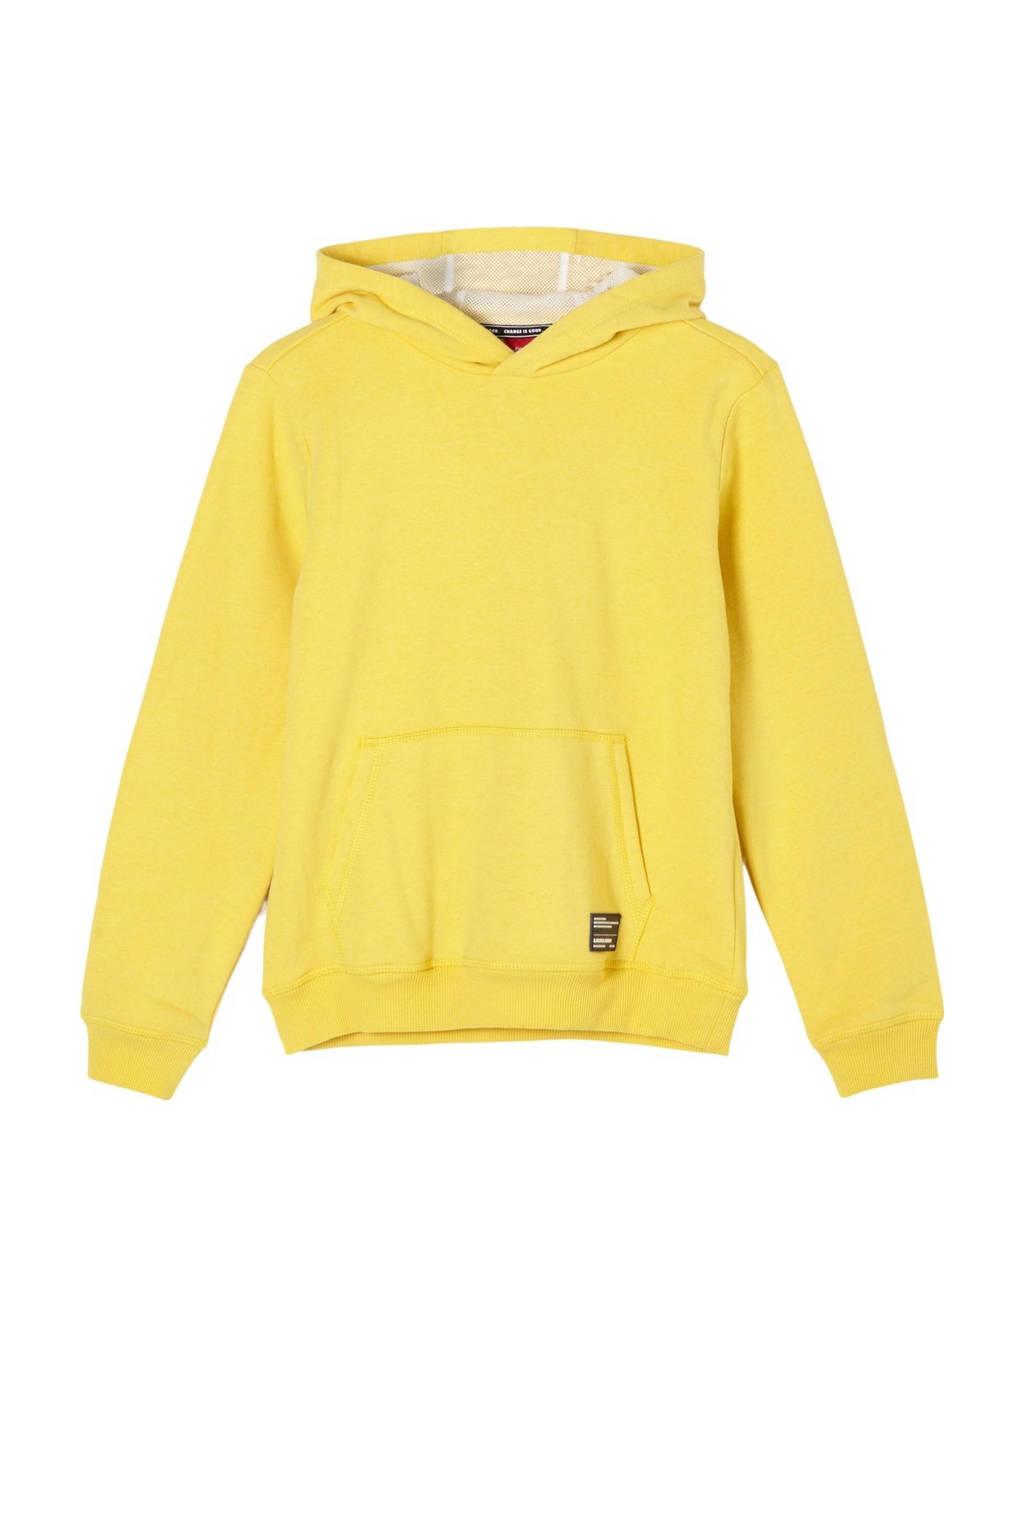 s.Oliver hoodie geel, Geel